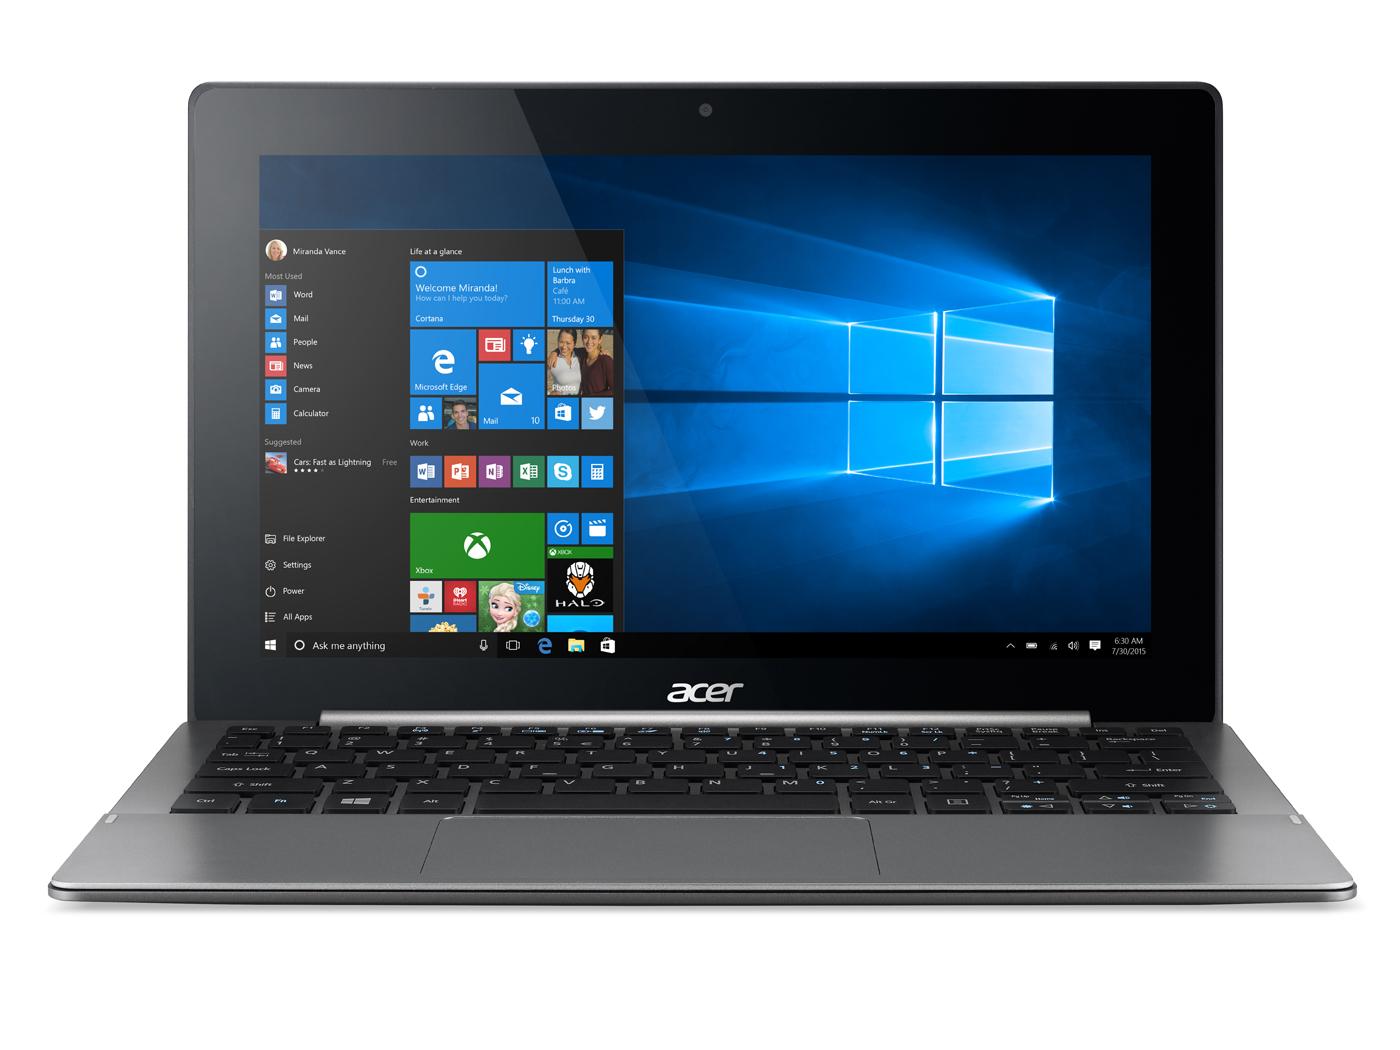 ACER EXTENSA 4430 NOTEBOOK AMD USB DRIVER FOR WINDOWS MAC